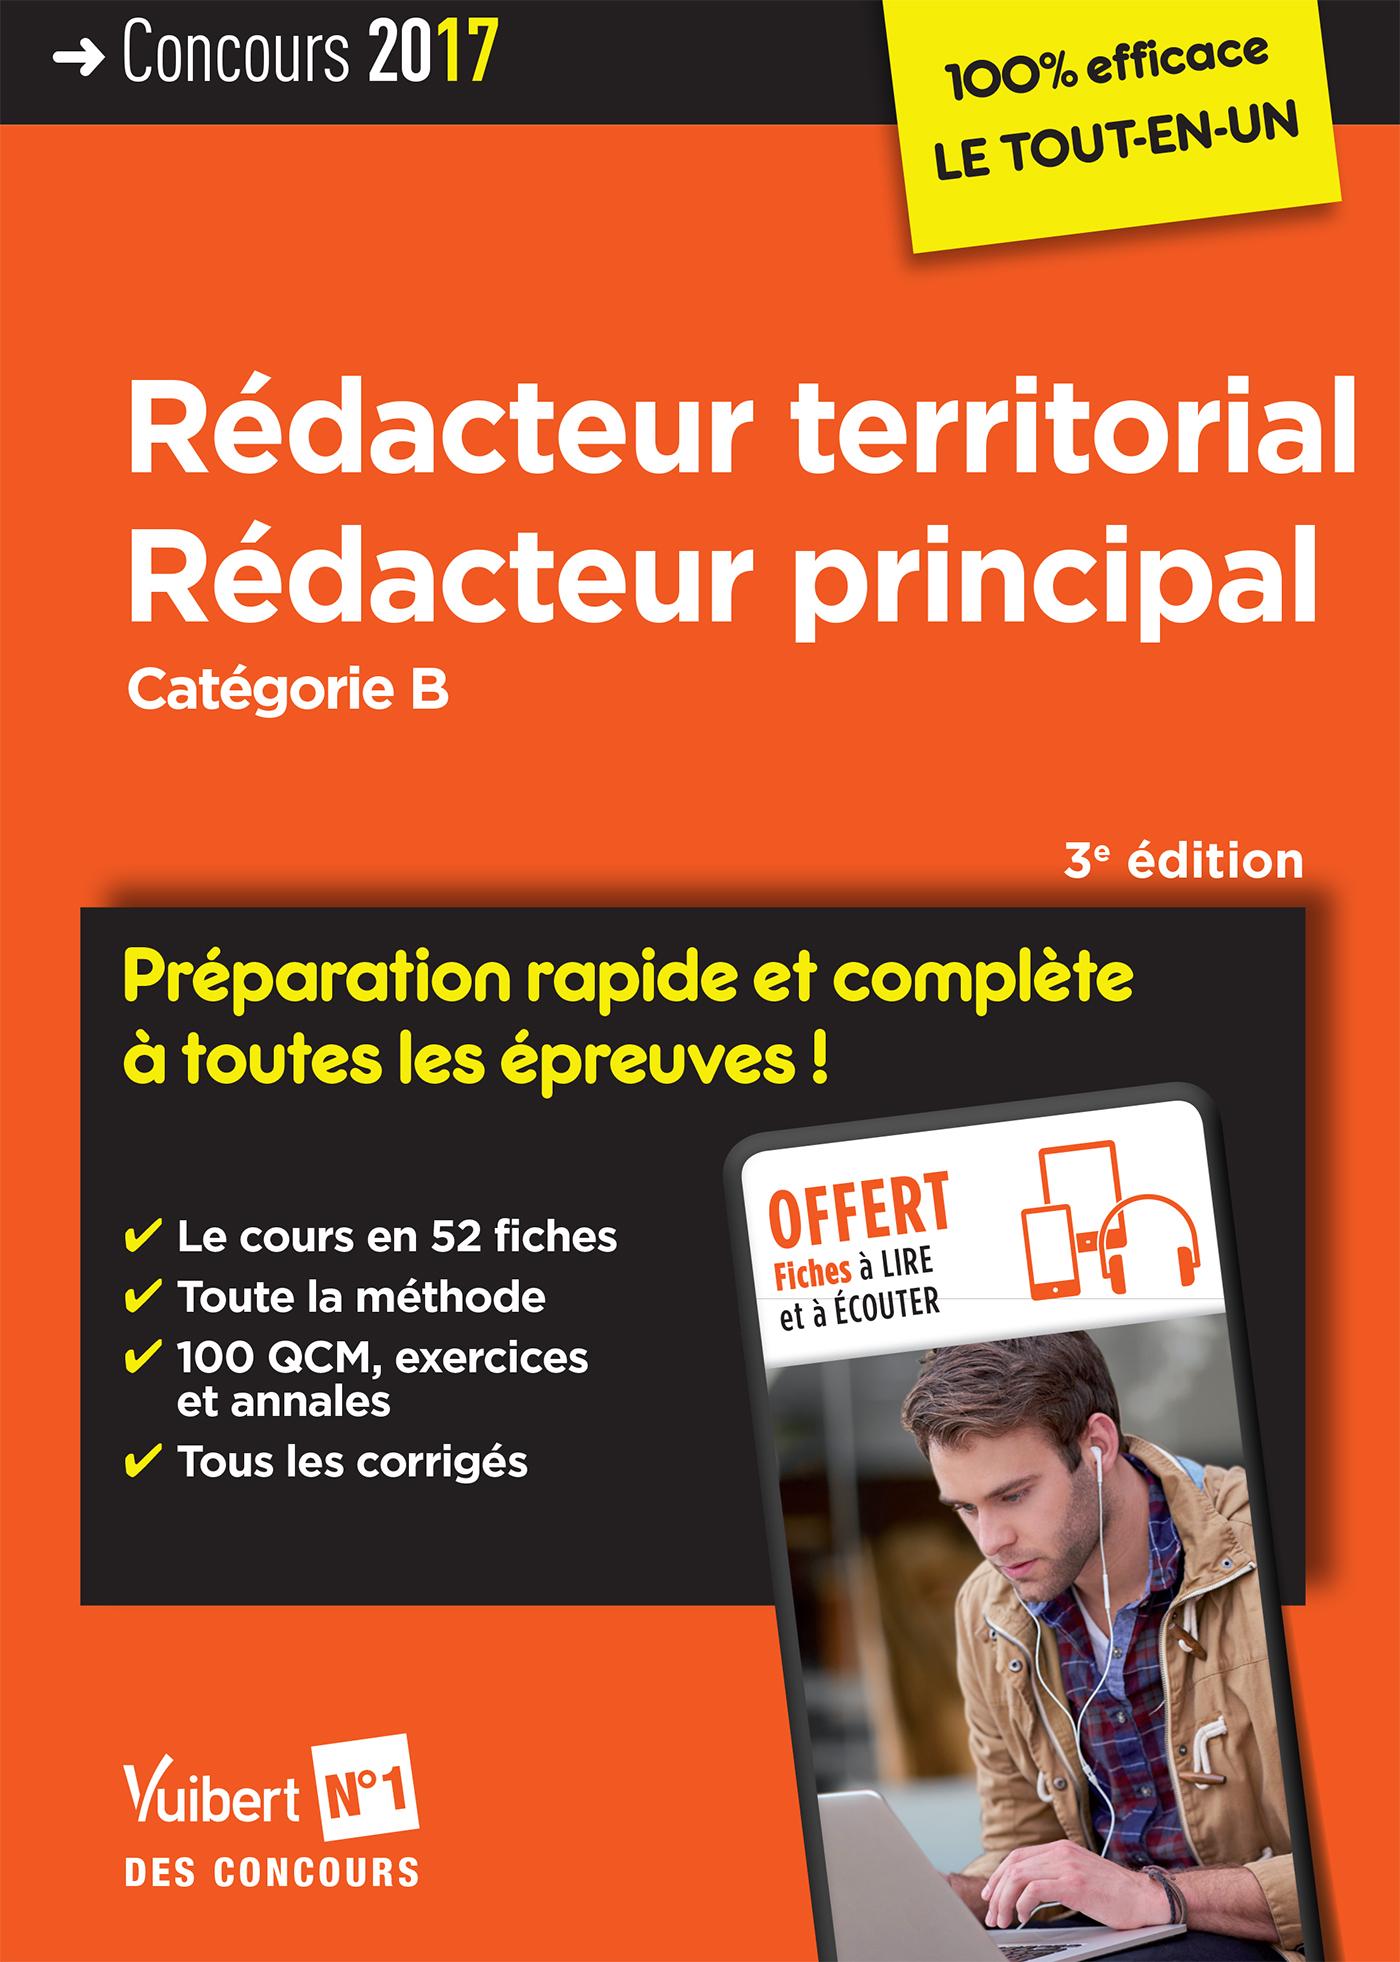 dd4c69f4ac4 Concours Rédacteur territorial et Rédacteur principal - Catégorie B -  Préparation rapide et complète à toutes les épreuves